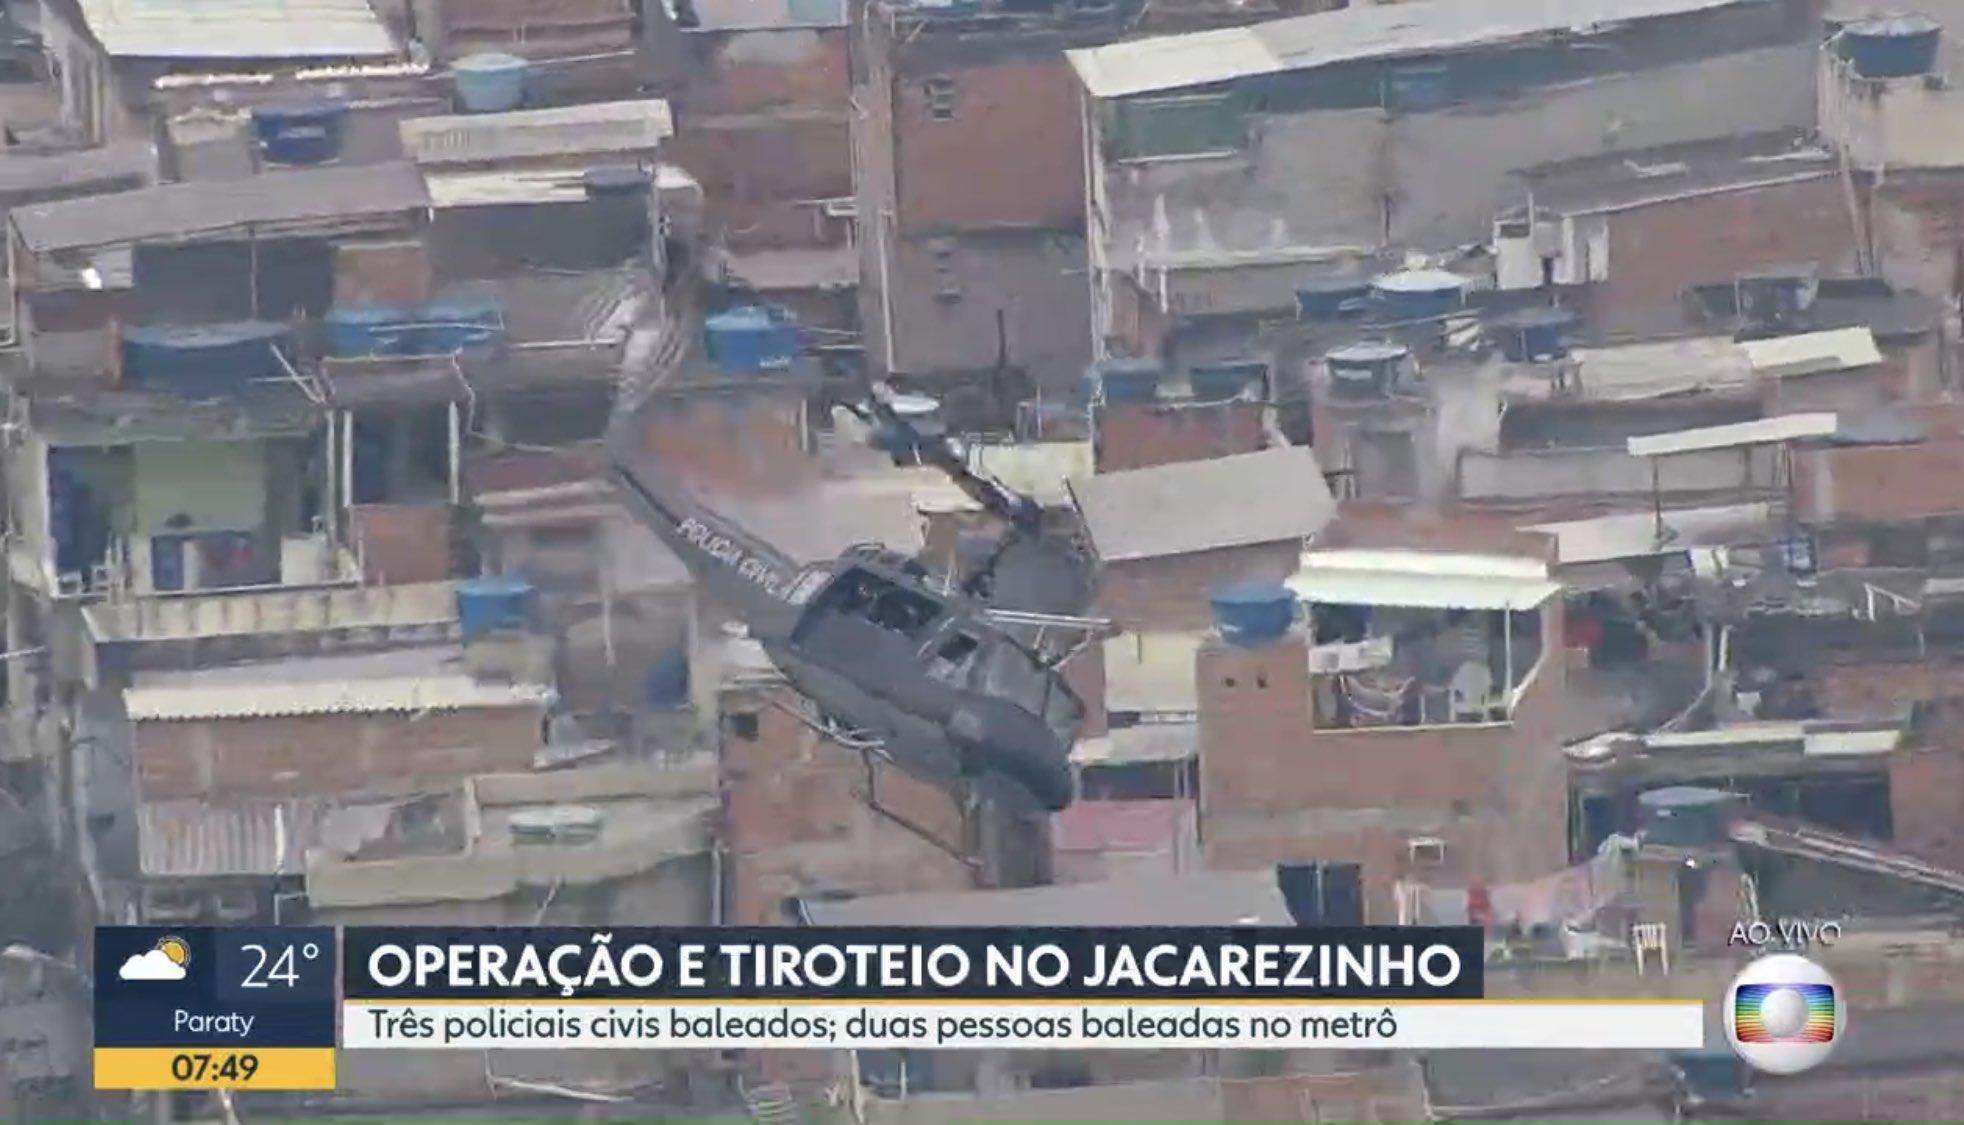 """El Druso on Twitter: """"🇧🇷 25 muertos (entre ellos 1 policía) murieron en  una operación de la policía en la favela de Jacarezinho, norte de Río de  Janeiro. https://t.co/AB8AQSl7sR"""" / Twitter"""